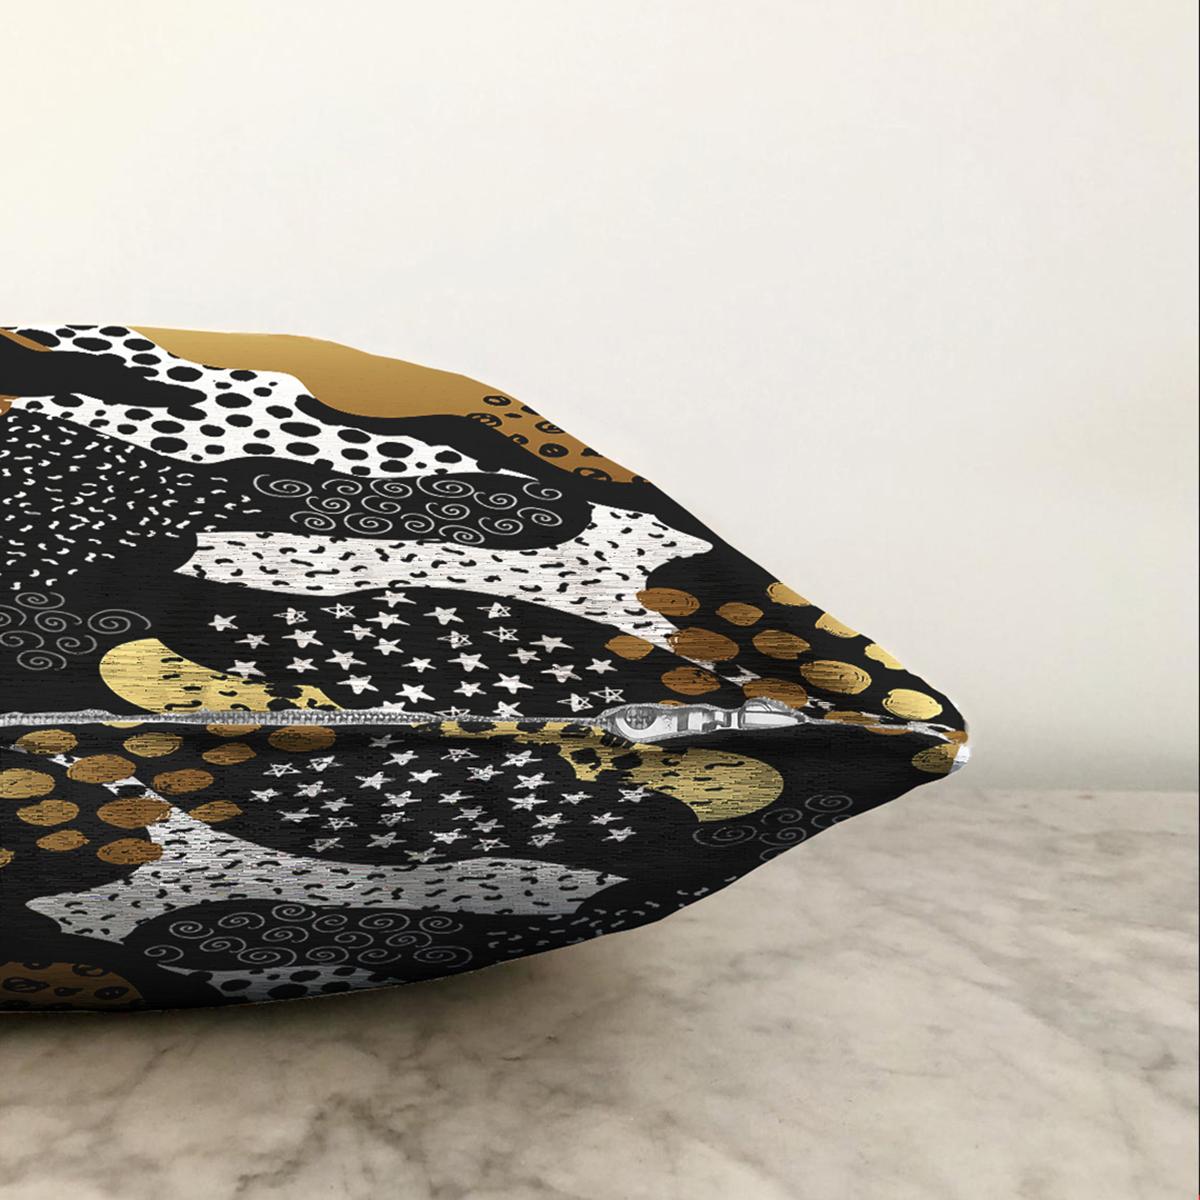 Çift Taraflı Siyah Zemin Üzerinde Gold Detaylı Modern Desenli Modern Şönil Yastık Kırlent Kılıfı Realhomes